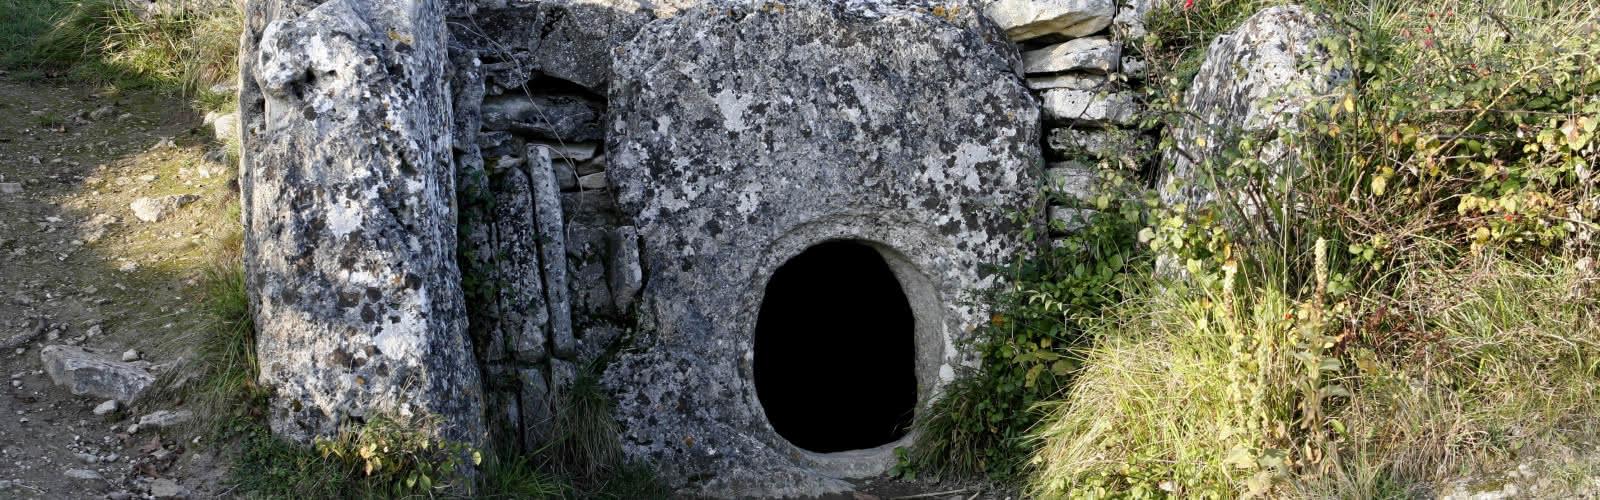 Allée couverte du Bois-Couturier - Bois de Morval - Guiry-en-Vexin